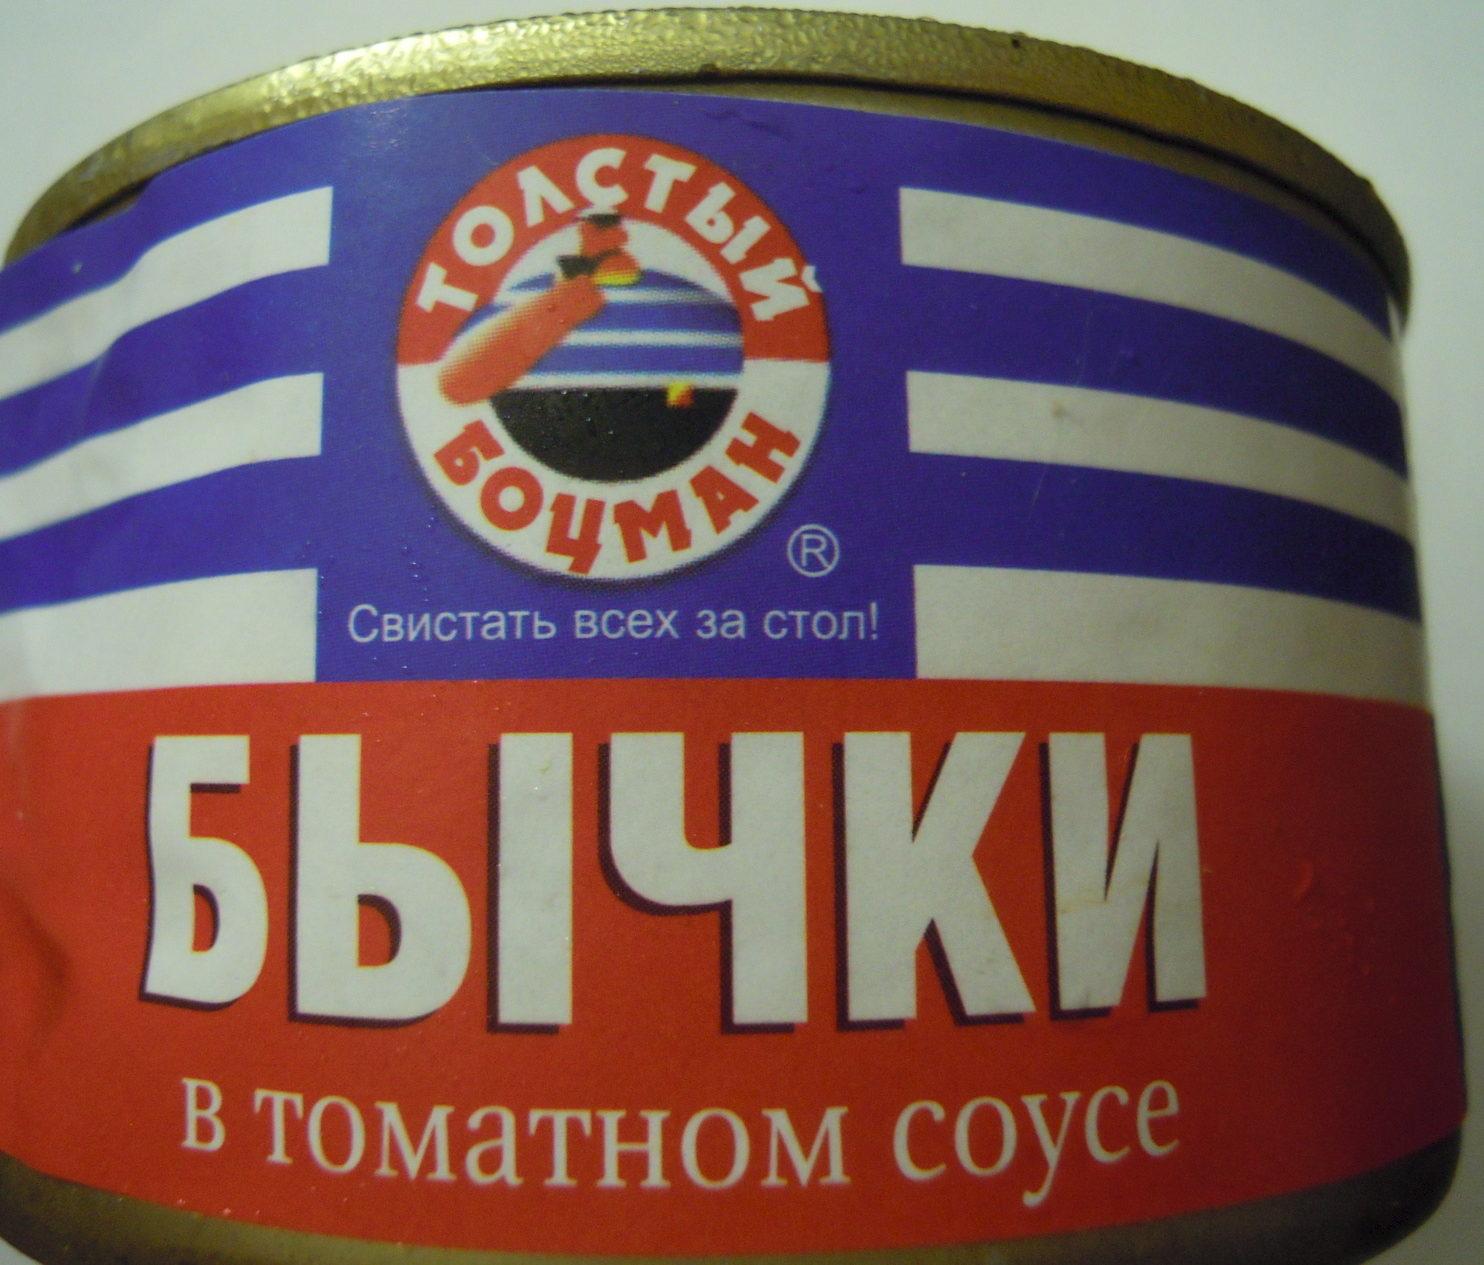 Бычки в томатном соусе - Product - ru